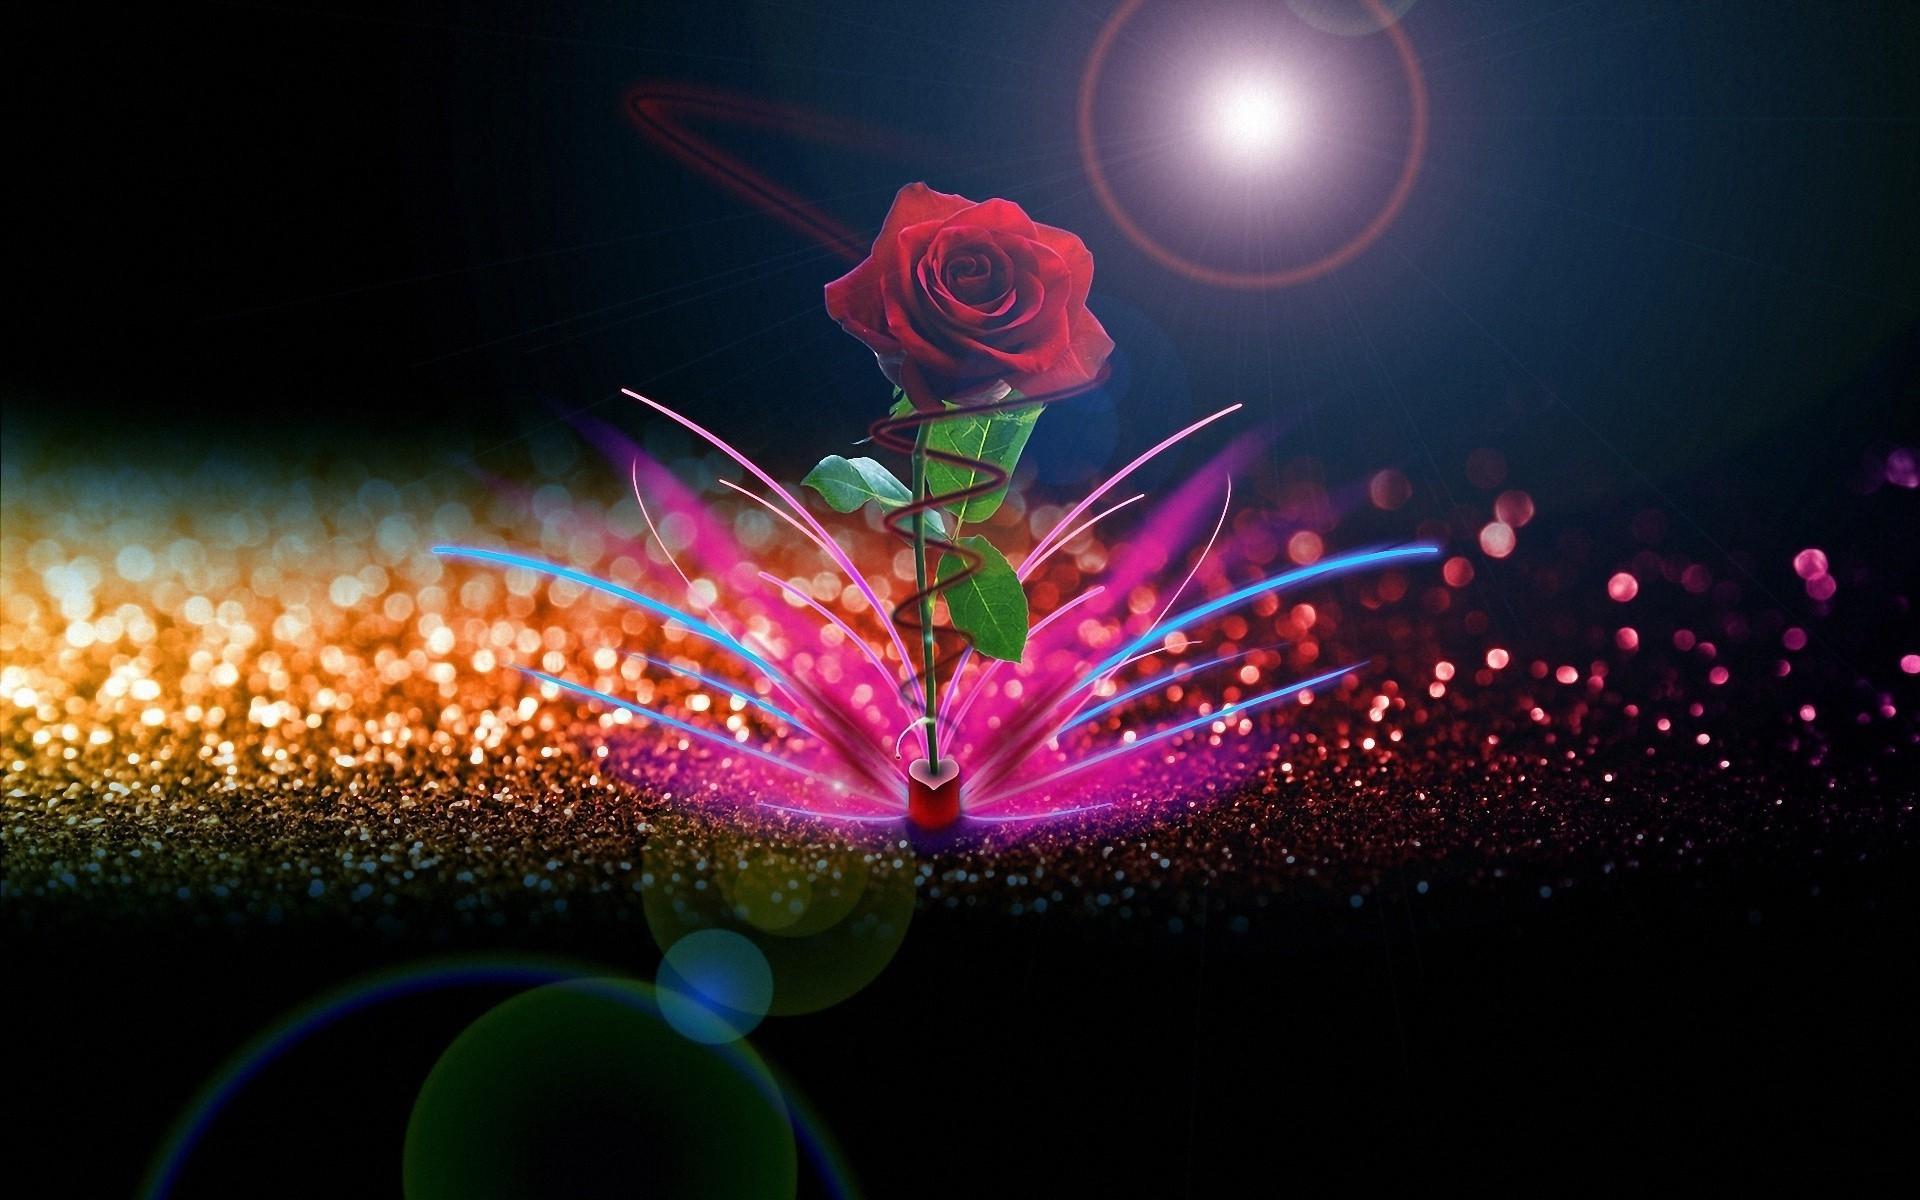 Rose Love Wallpaper Good Night   Data Src Red Rose - Beautiful Full Hd Roses - HD Wallpaper